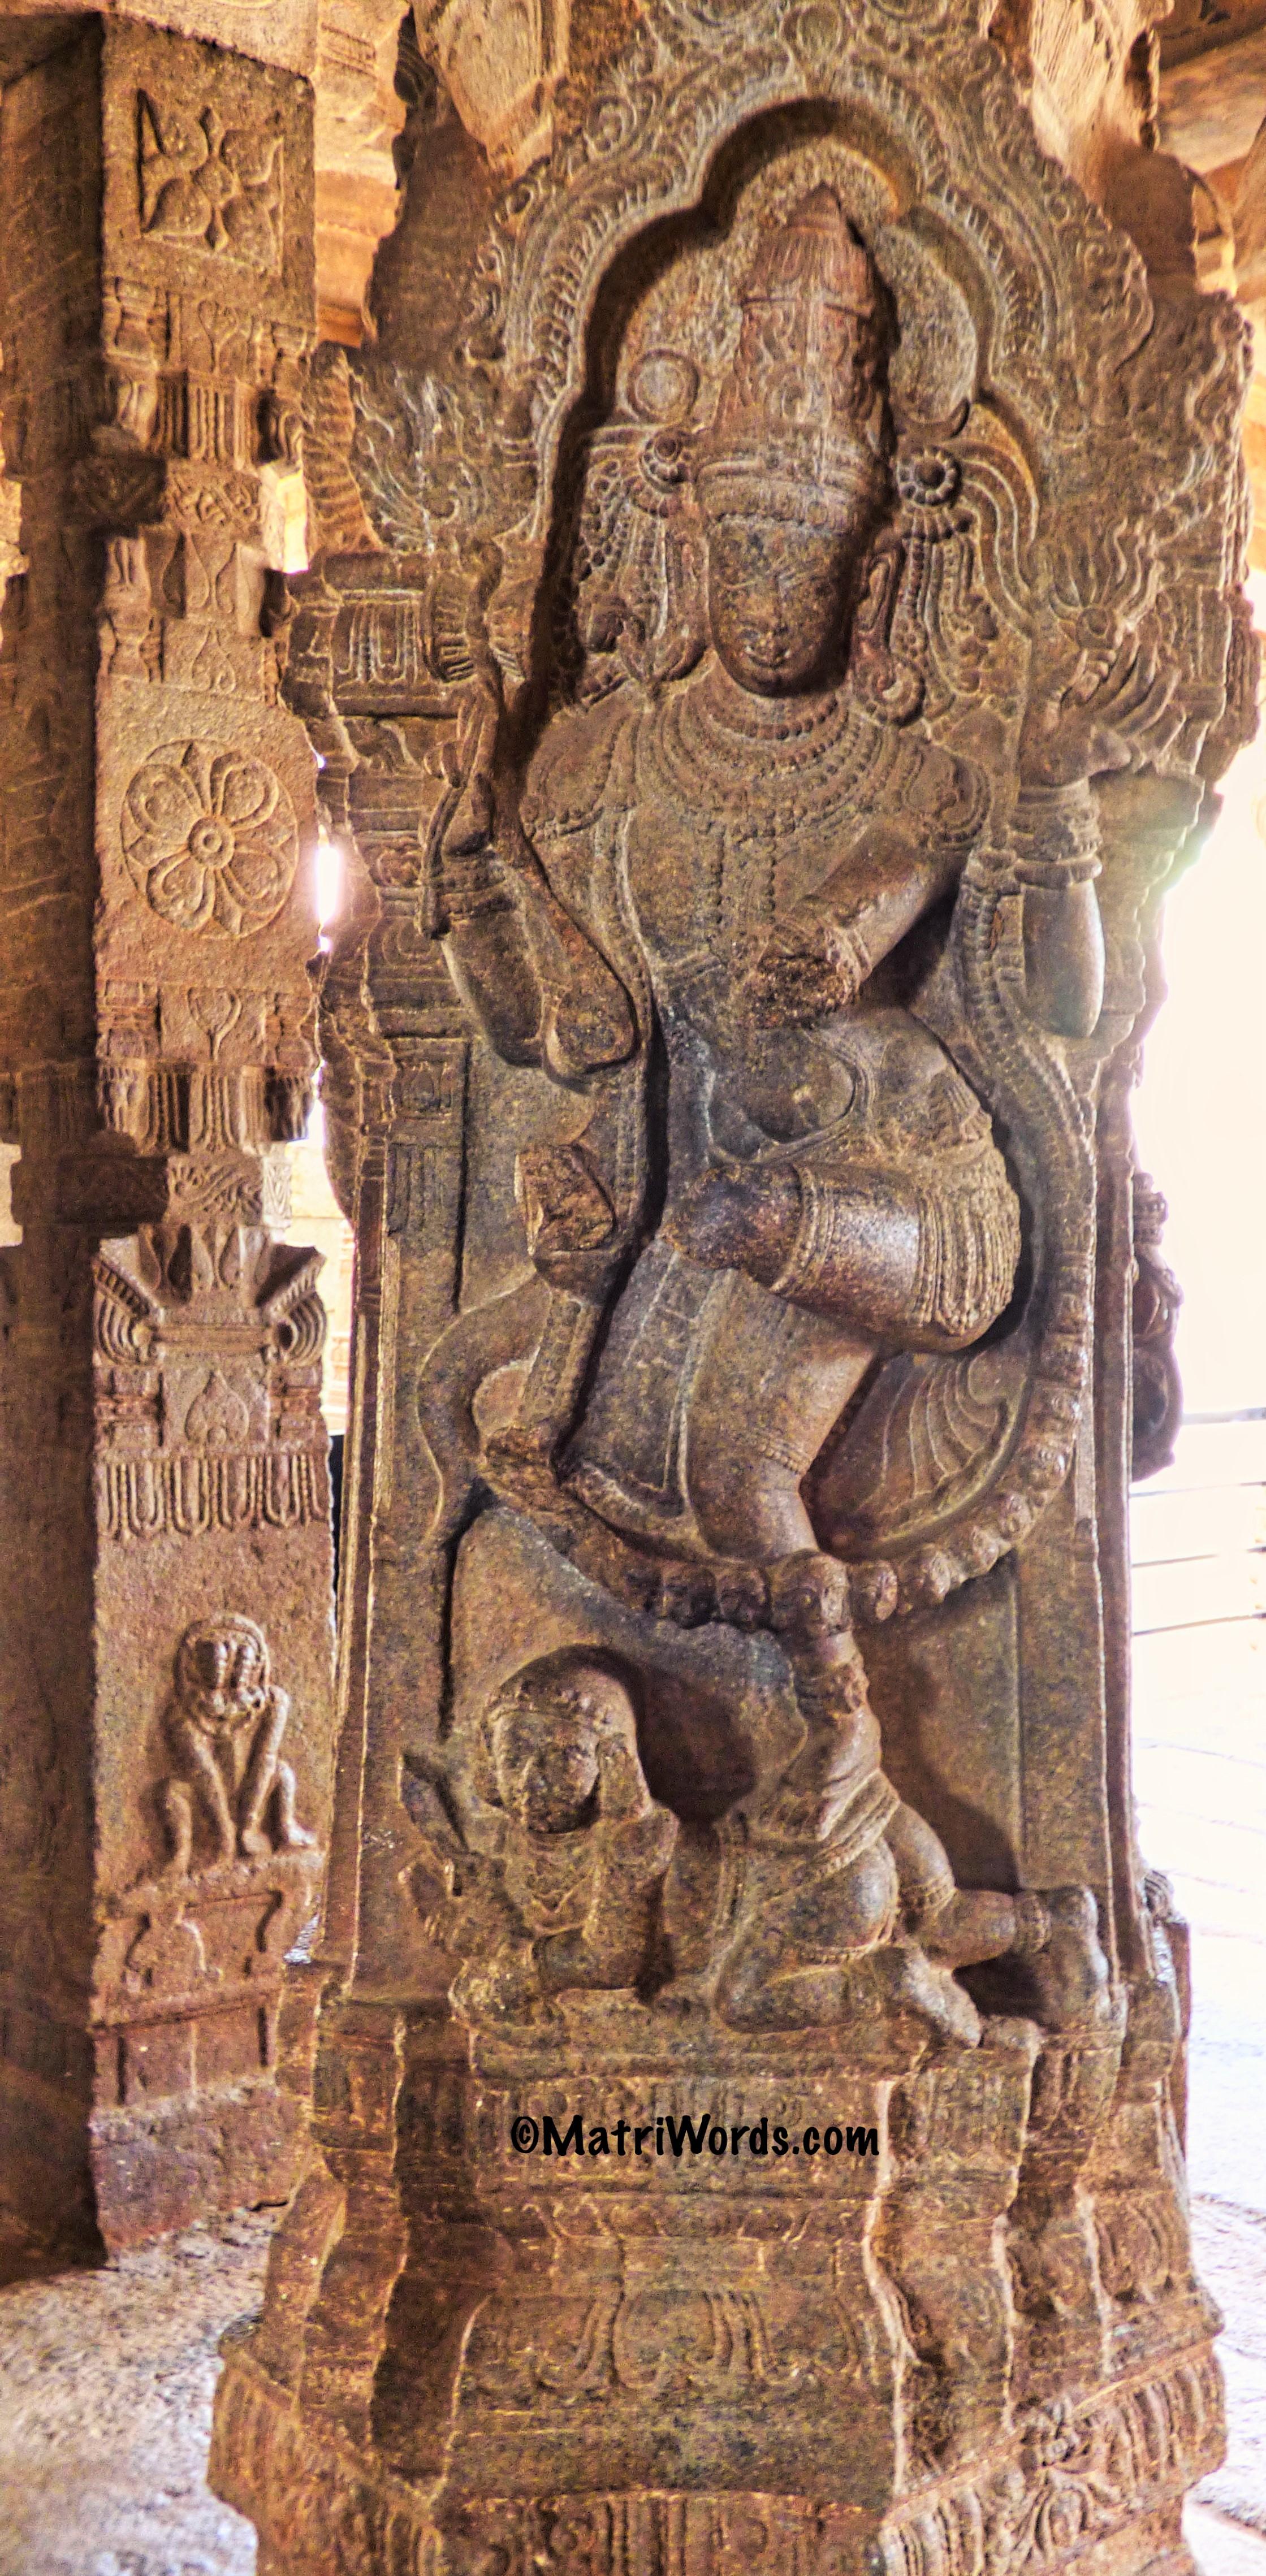 Nataraja at Lepakshi